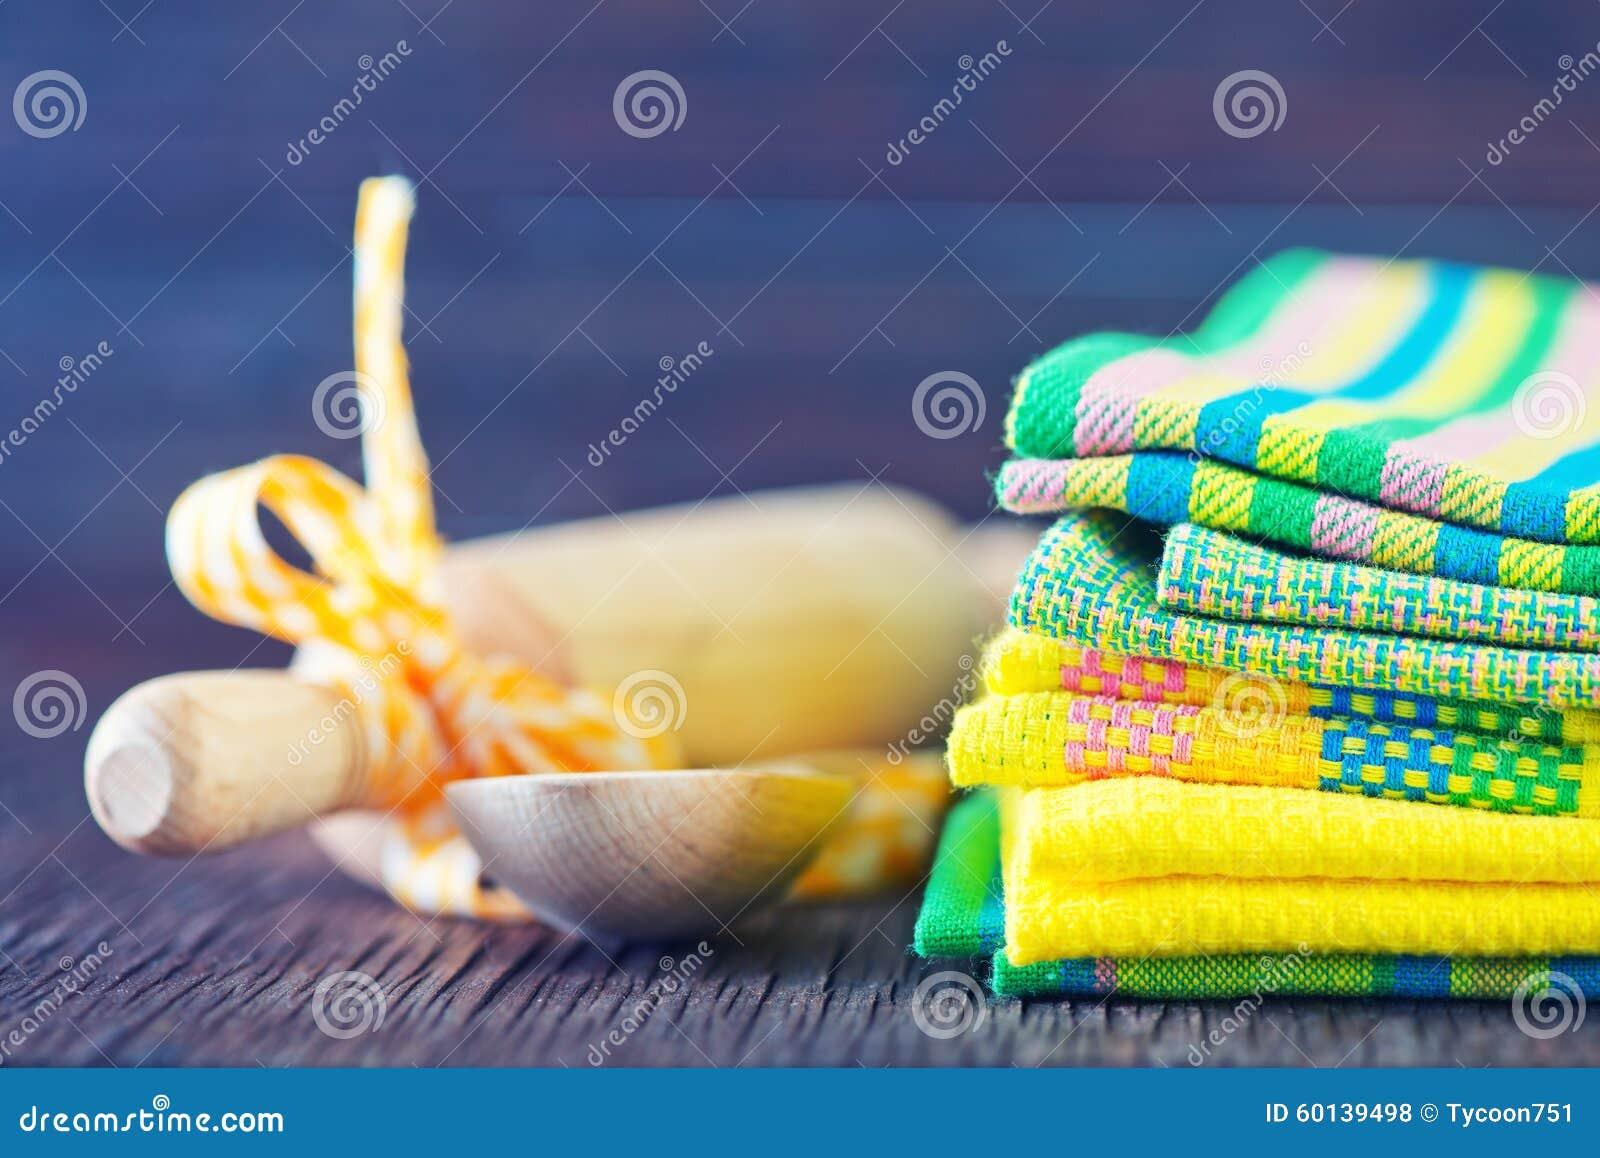 Asciugamani di cucina fotografia stock. Immagine di igiene ...